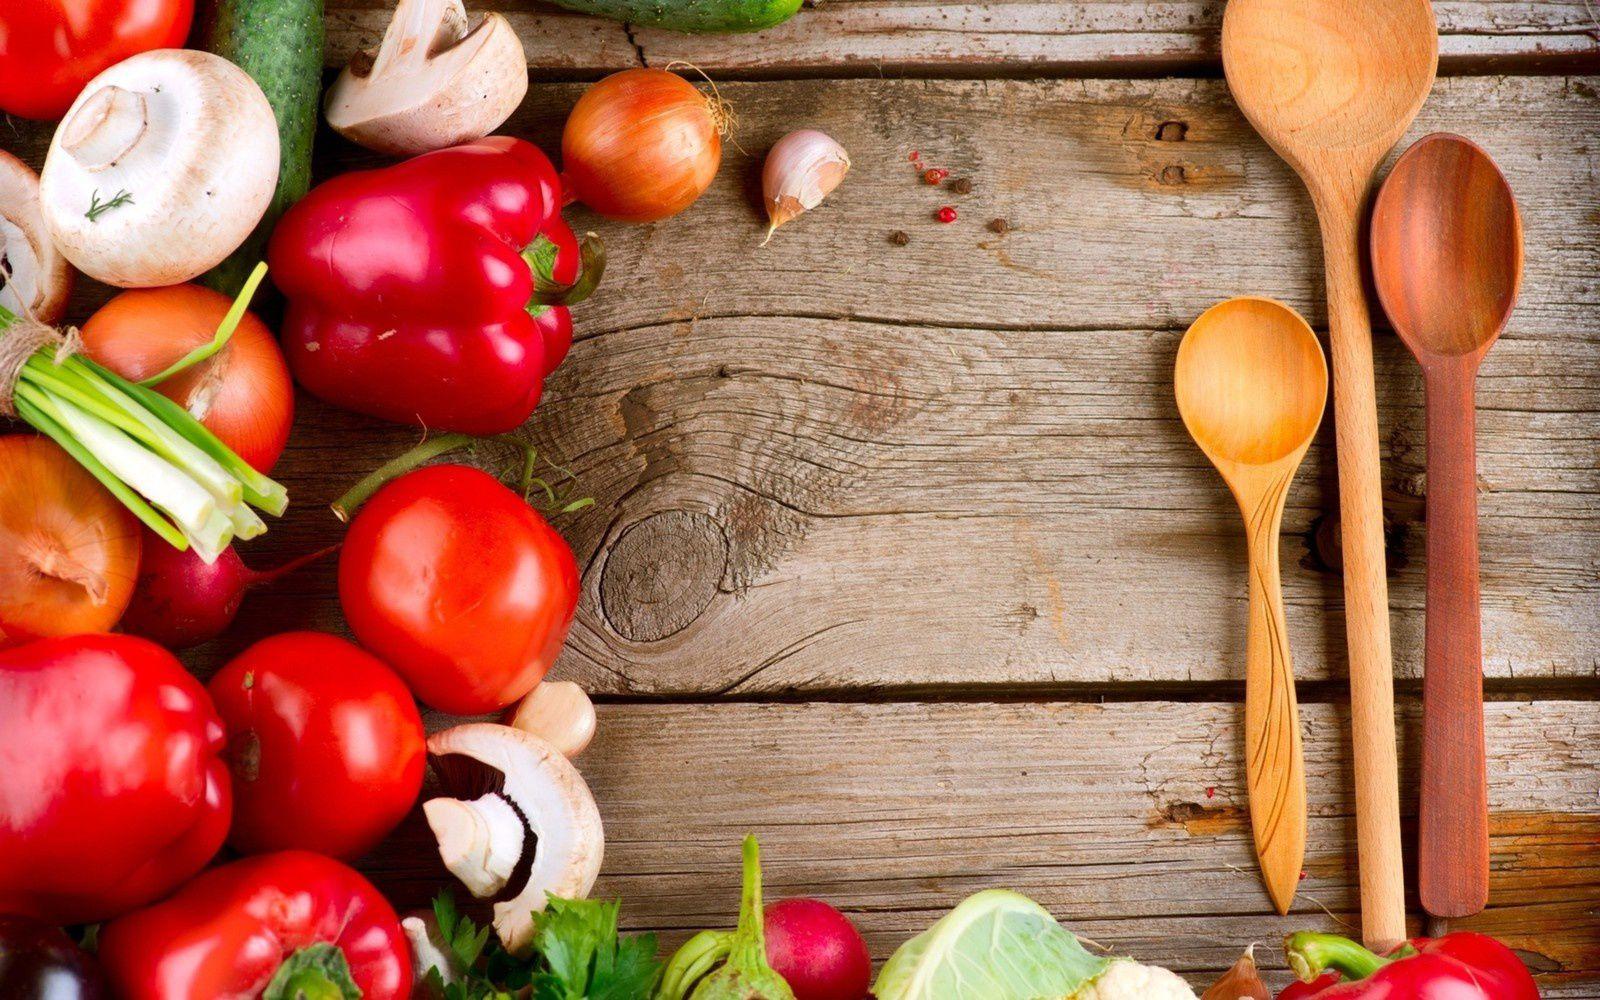 Bon appétit - Légumes - Nourriture - Wallpaper - Free